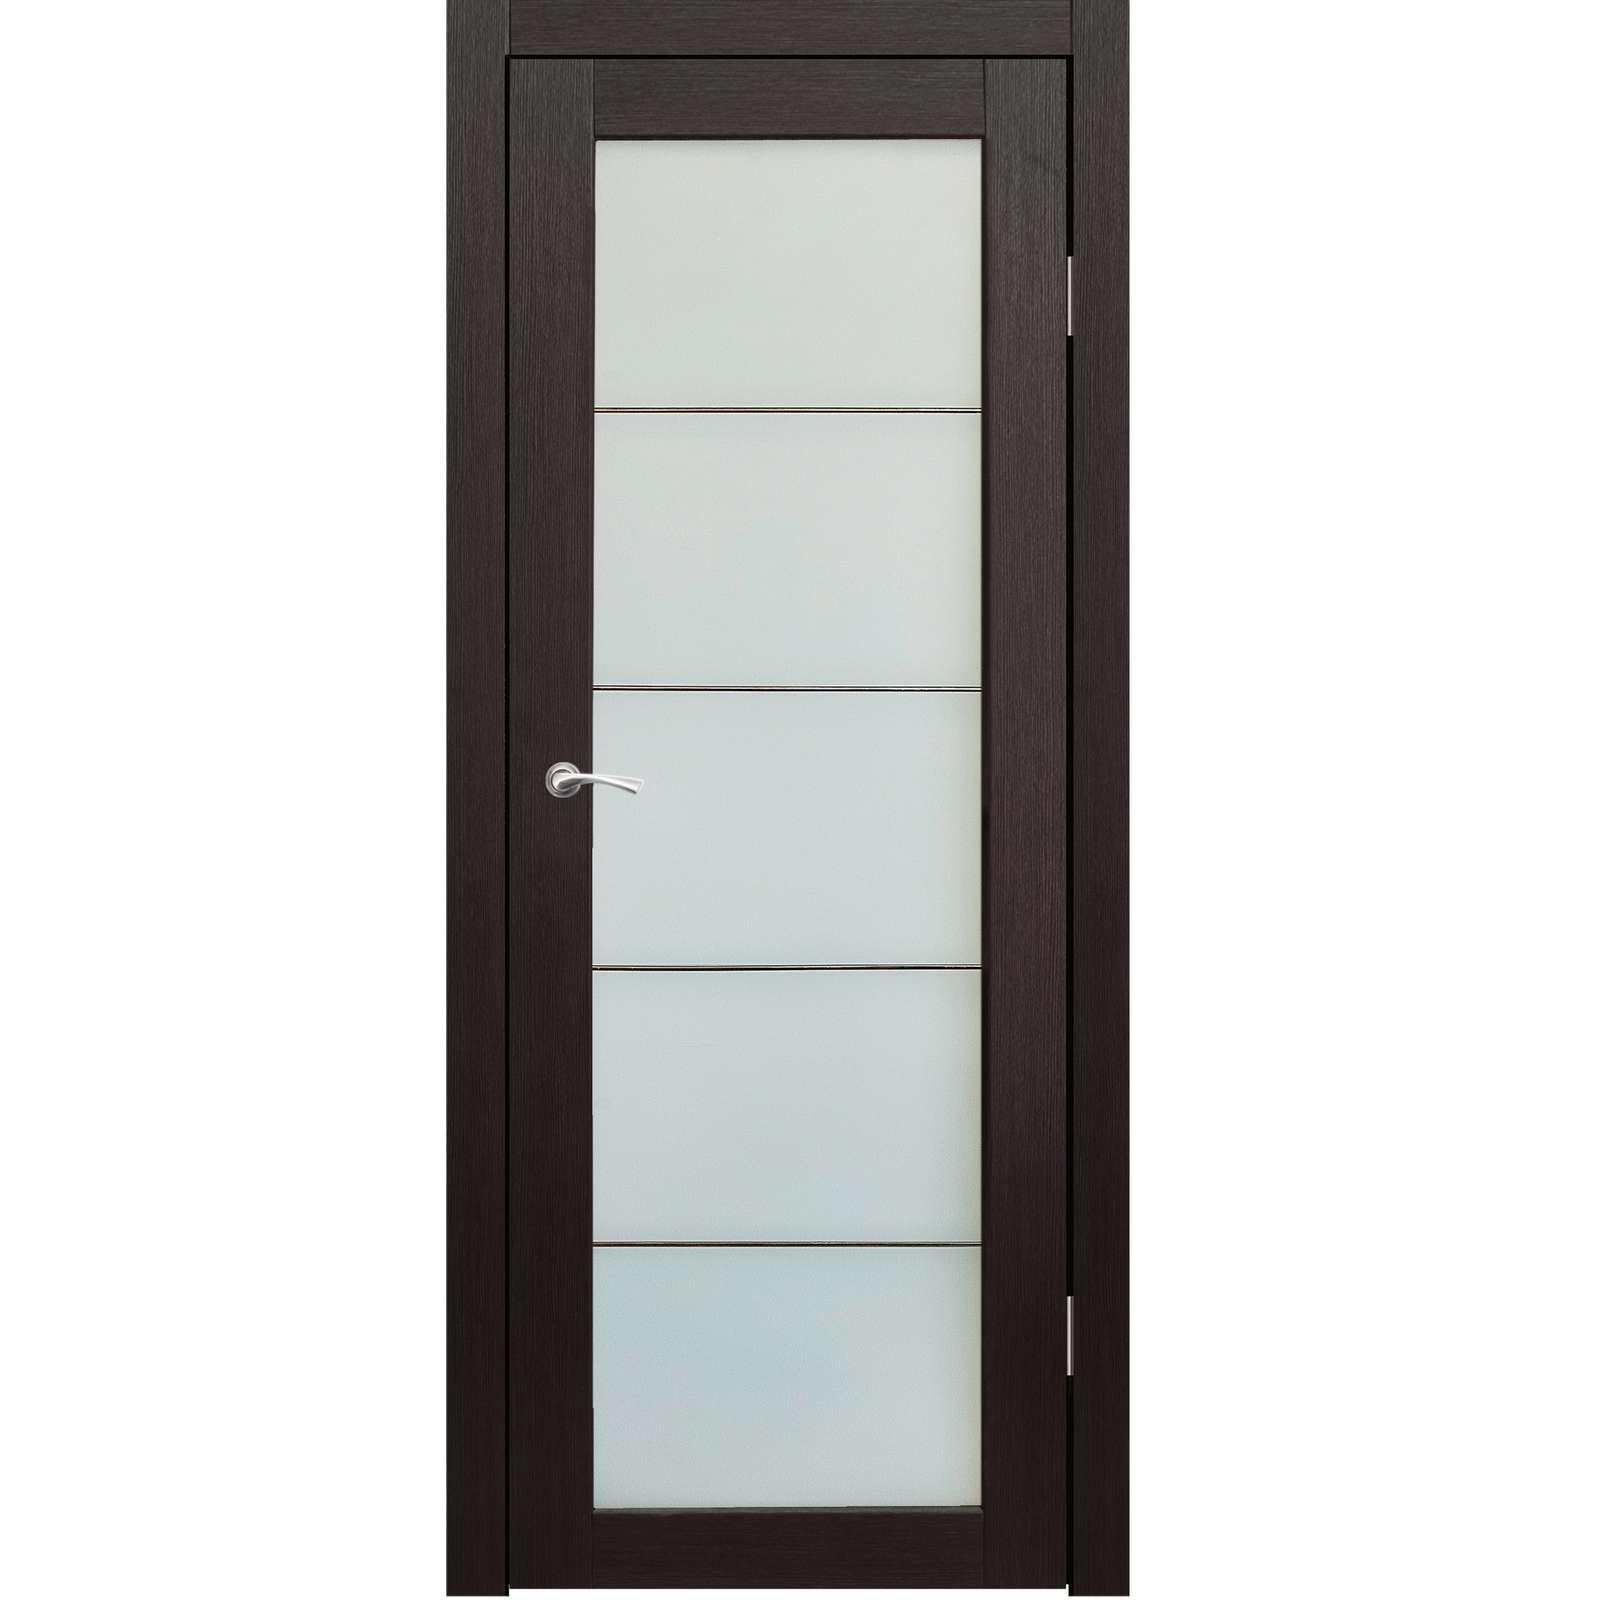 Полотно дверное остекленное Легро (без молдингов) СИНЕРЖИ венге ПВХ, ПДО 600х2000мм